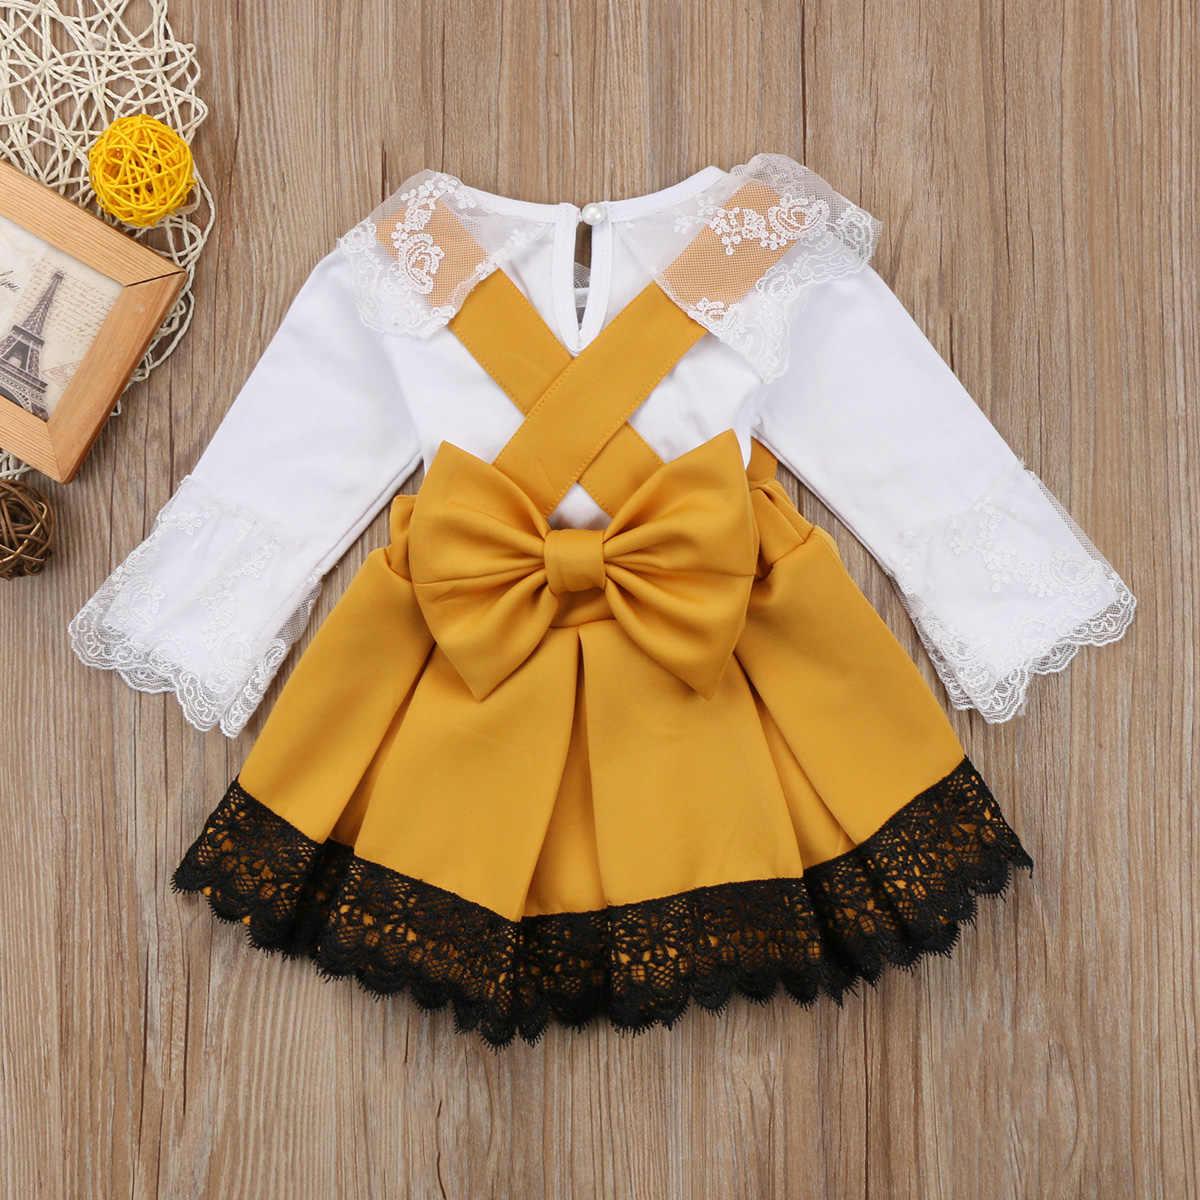 Модные детские для маленьких девочек s кружевной комбинезон вечерние платья с бантом наряды, комплекты на лето Одежда для младенцев и малышей для девочек с цветочным узором одежда для детей 0-24 м